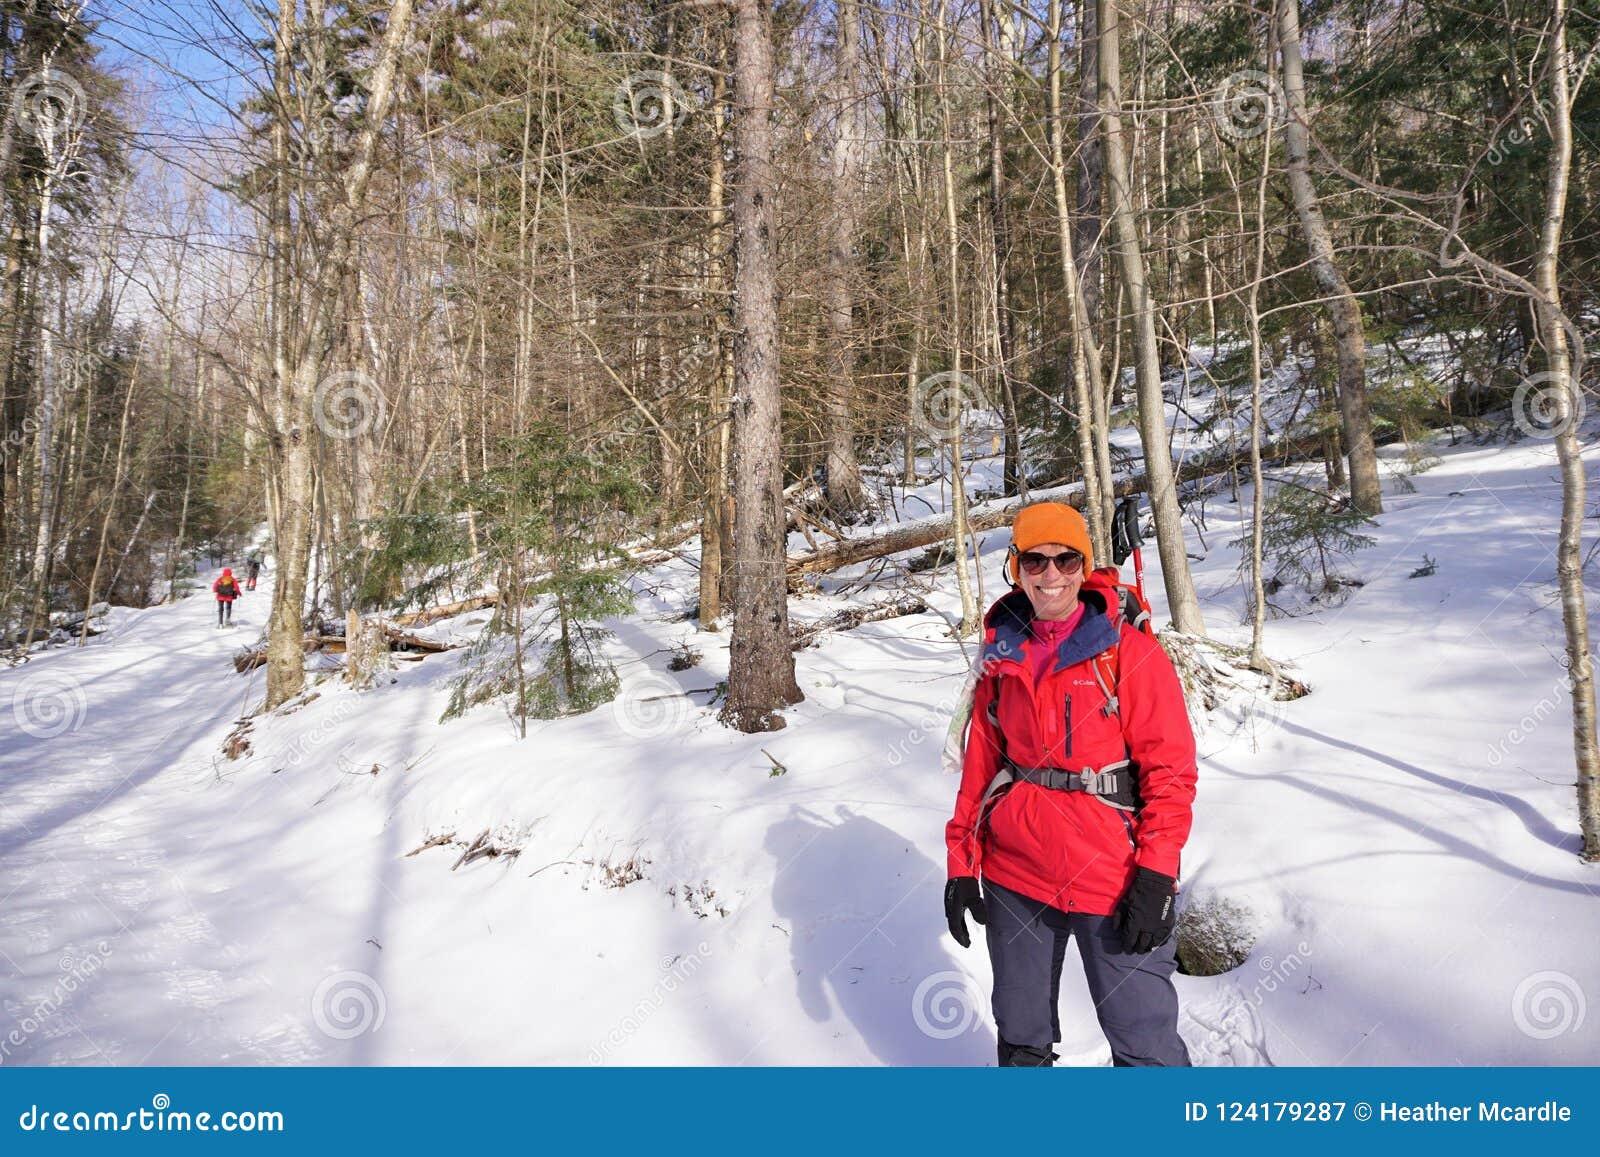 Ο χειμερινός οδοιπόρος σταματά inbitter κρύο για να γιορτάζει τη χειμερινή ηλιοφάνεια